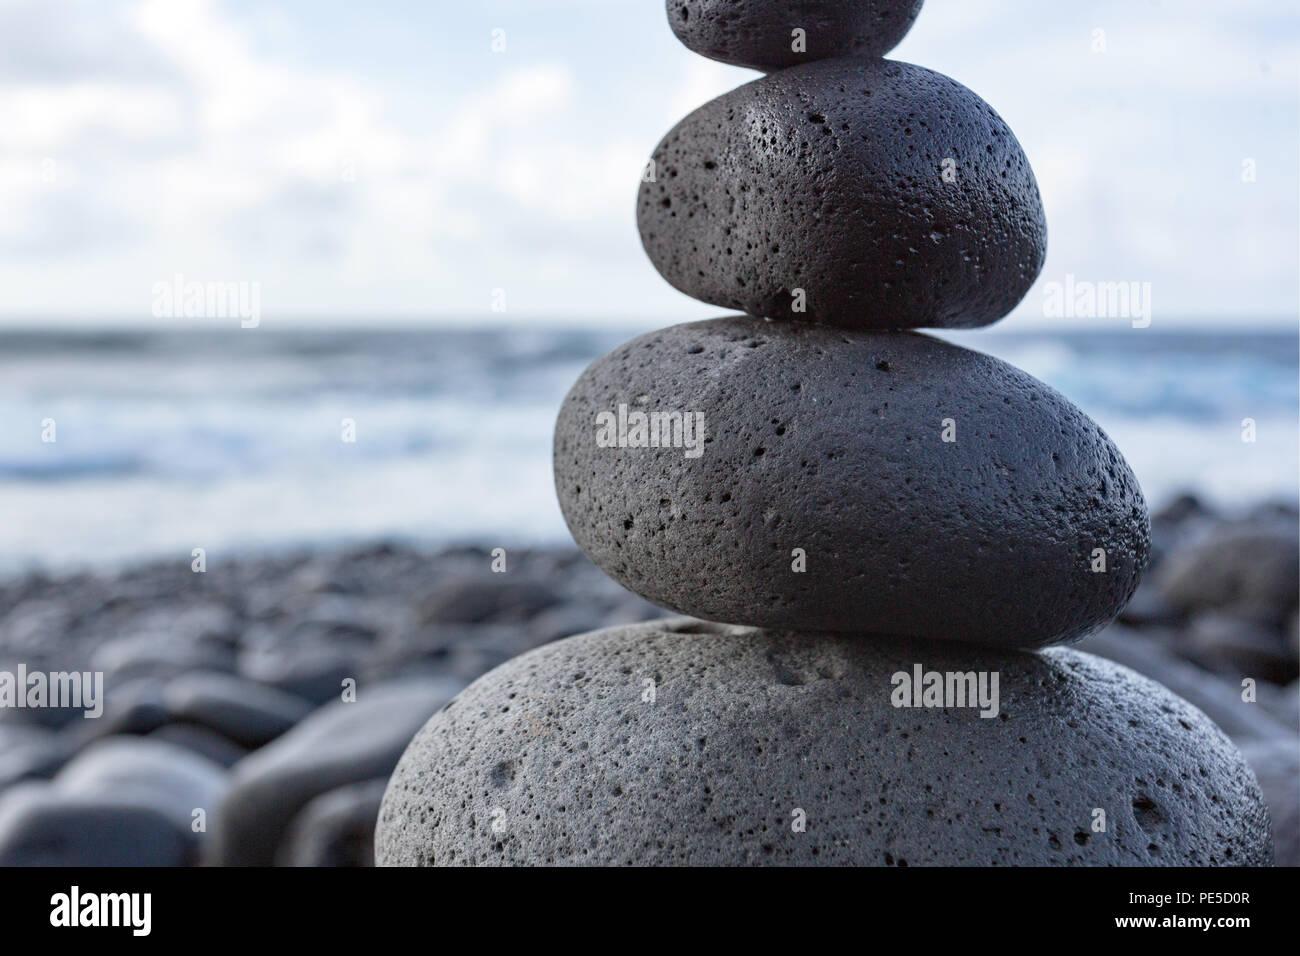 Dettaglio di un equilibrato impilati pietre o ciottoli su una spiaggia con l'orizzonte in background. Immagini Stock